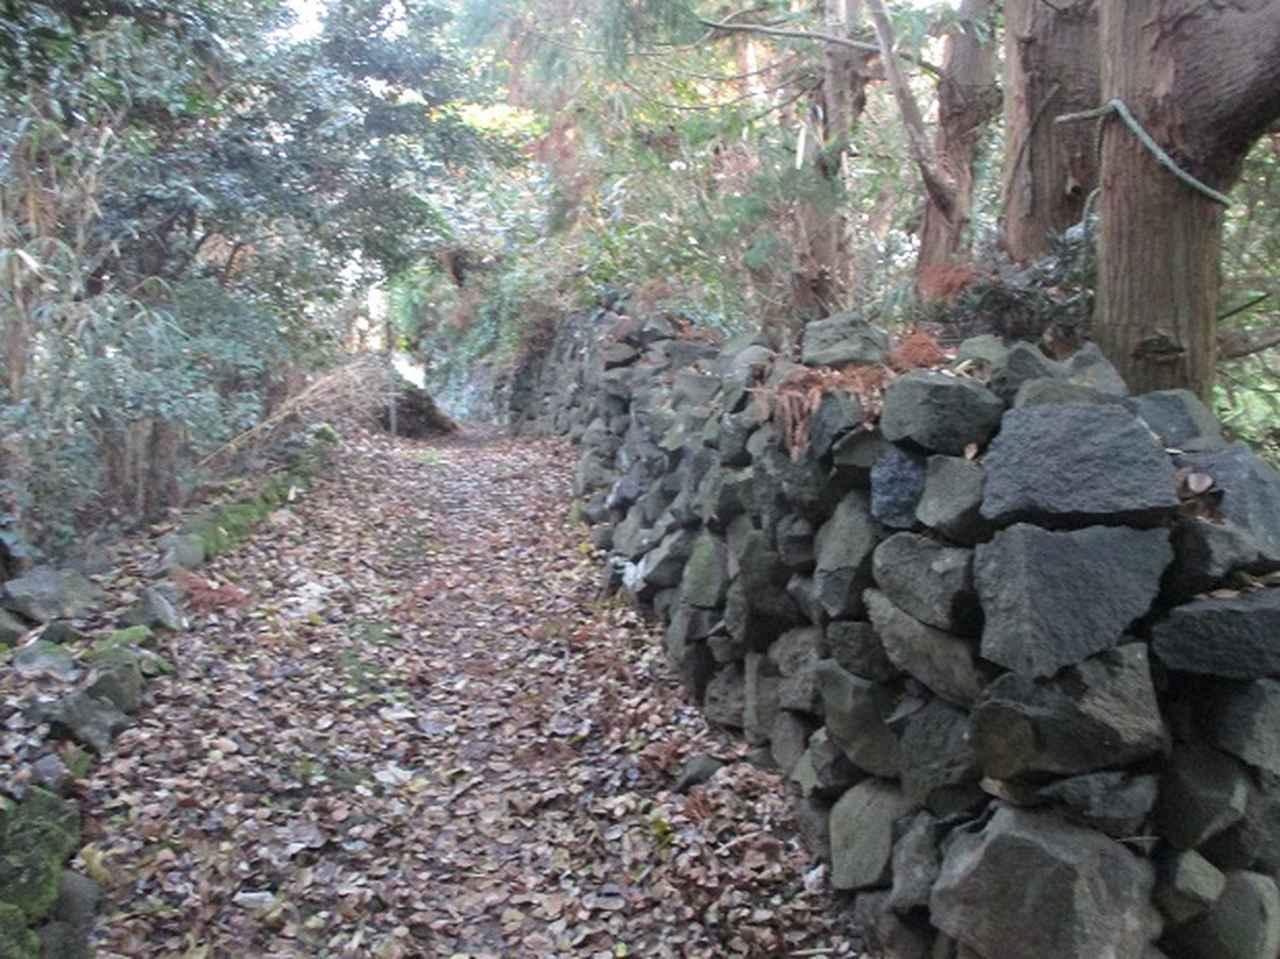 画像5: 1月の山旅会 「宮島弥山・秋吉台龍護峰・萩笠山」 の下見にいってまいりました!